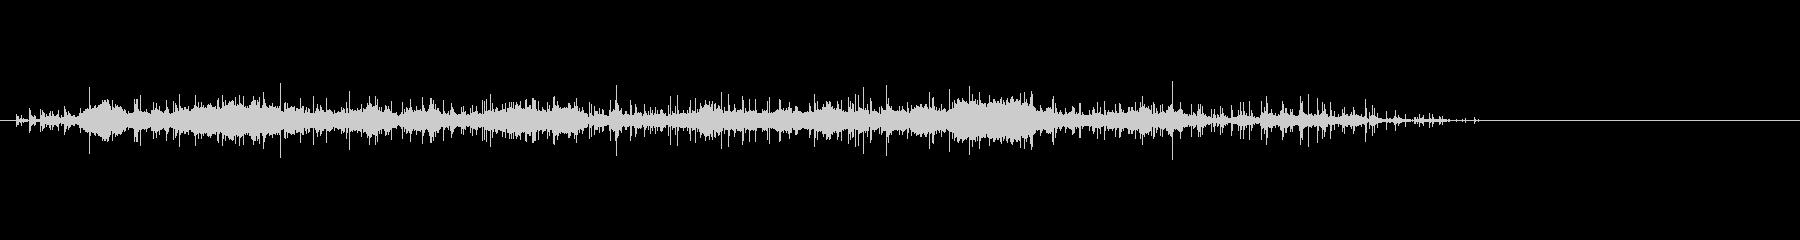 群集(50):ホイッスル/拍手、I...の未再生の波形